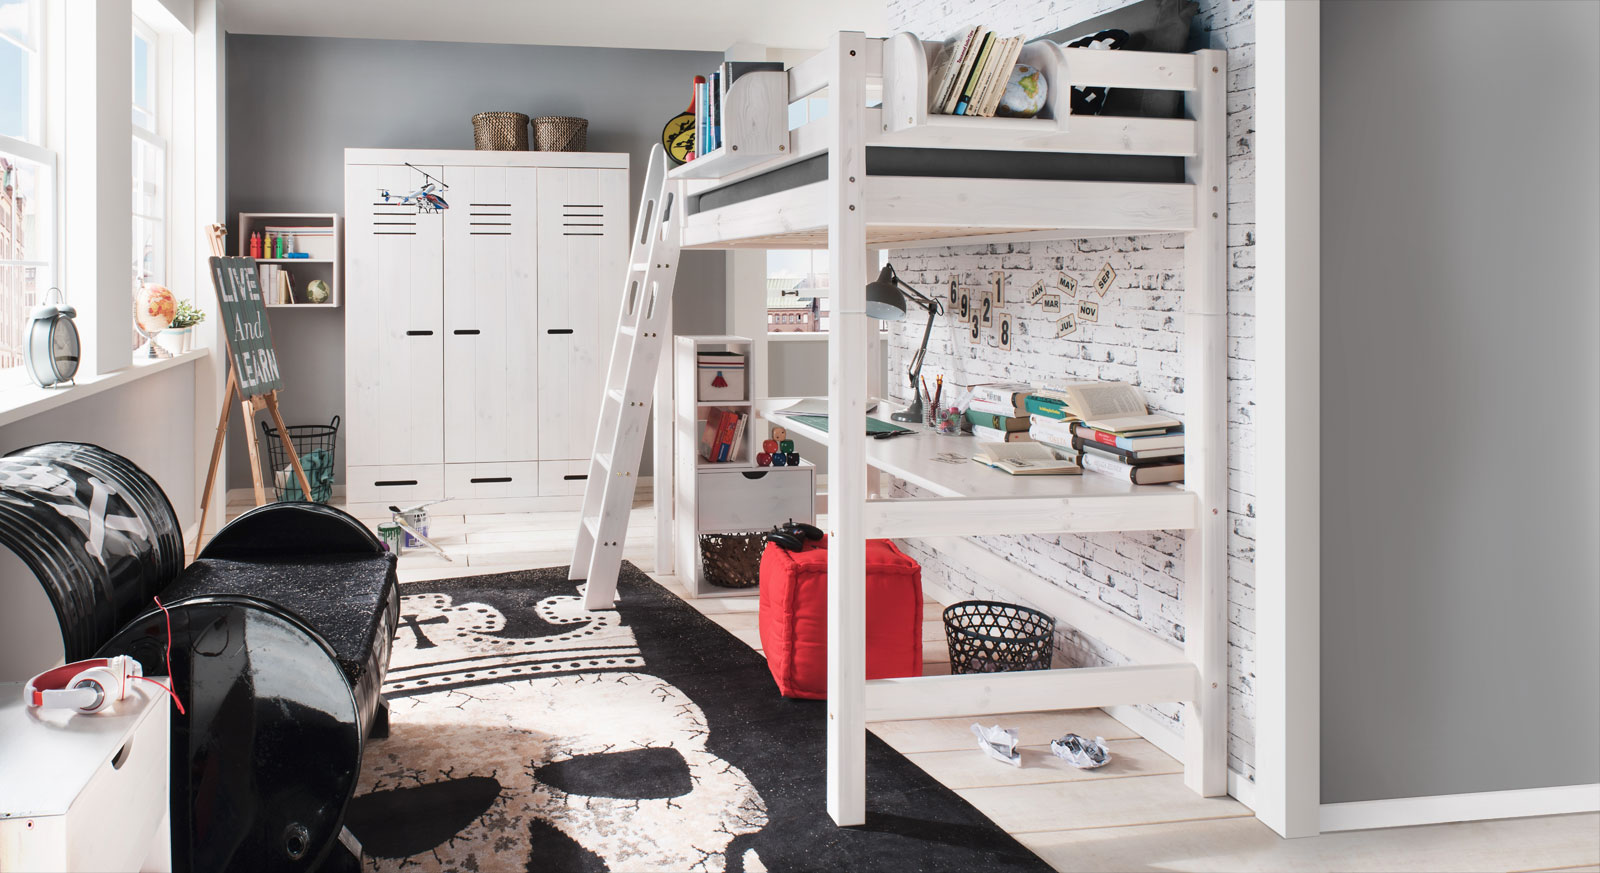 Etagenbett Kinder Mit Schrank : Massives umbaubares hochbett mit leiter für kinder kids paradise